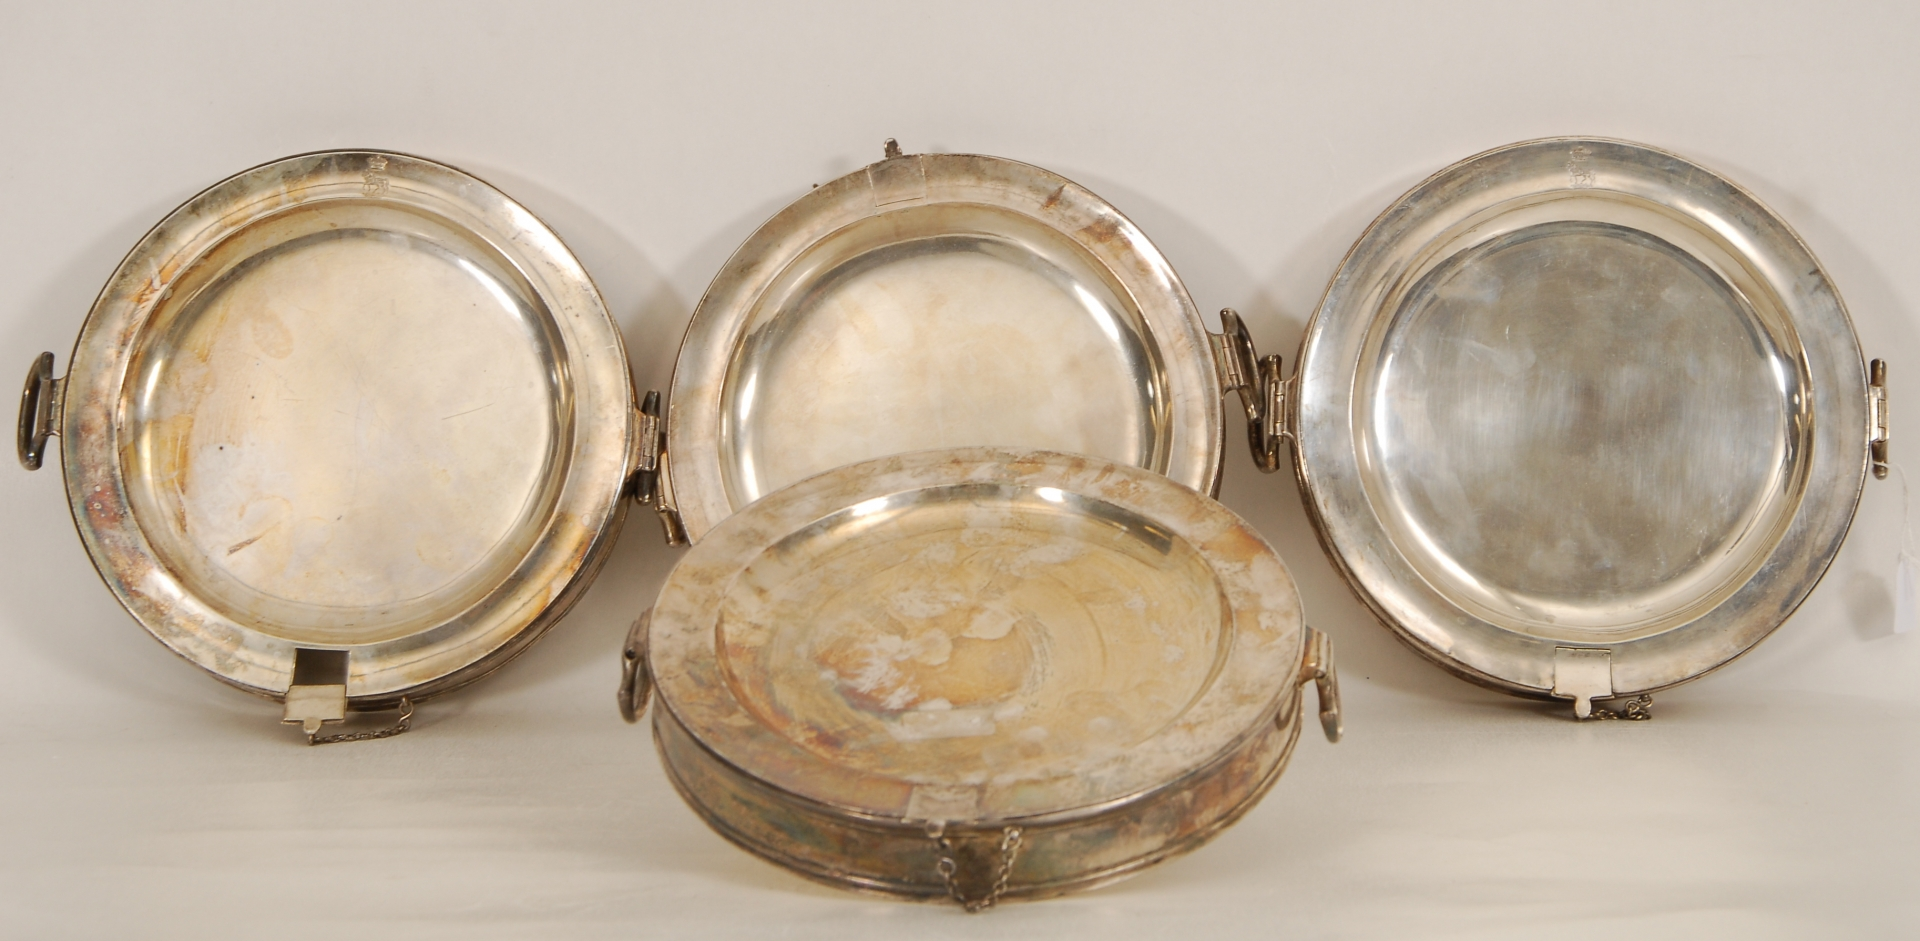 Série de quatre chauffe-plats